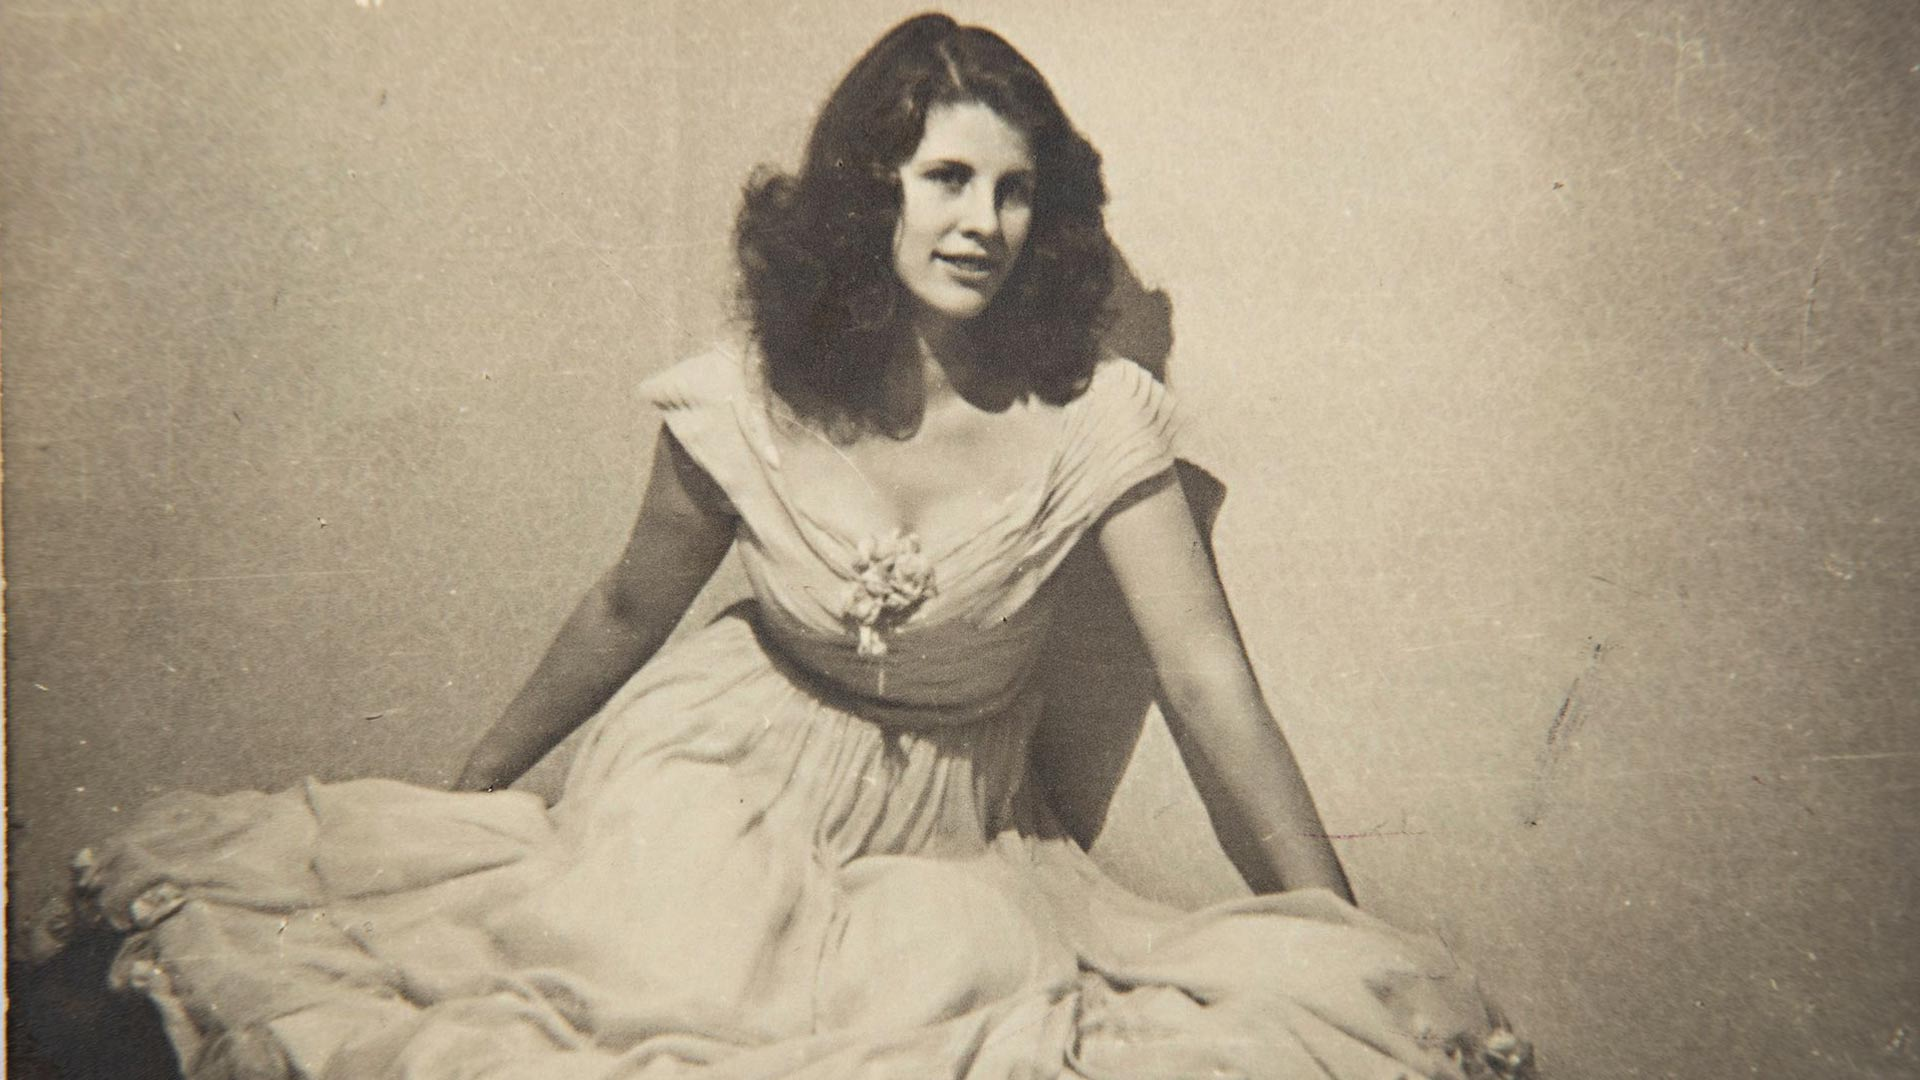 Ensimmäisen tanssipukunsa Aira osti parikymppisenä mustasta pörssistä.